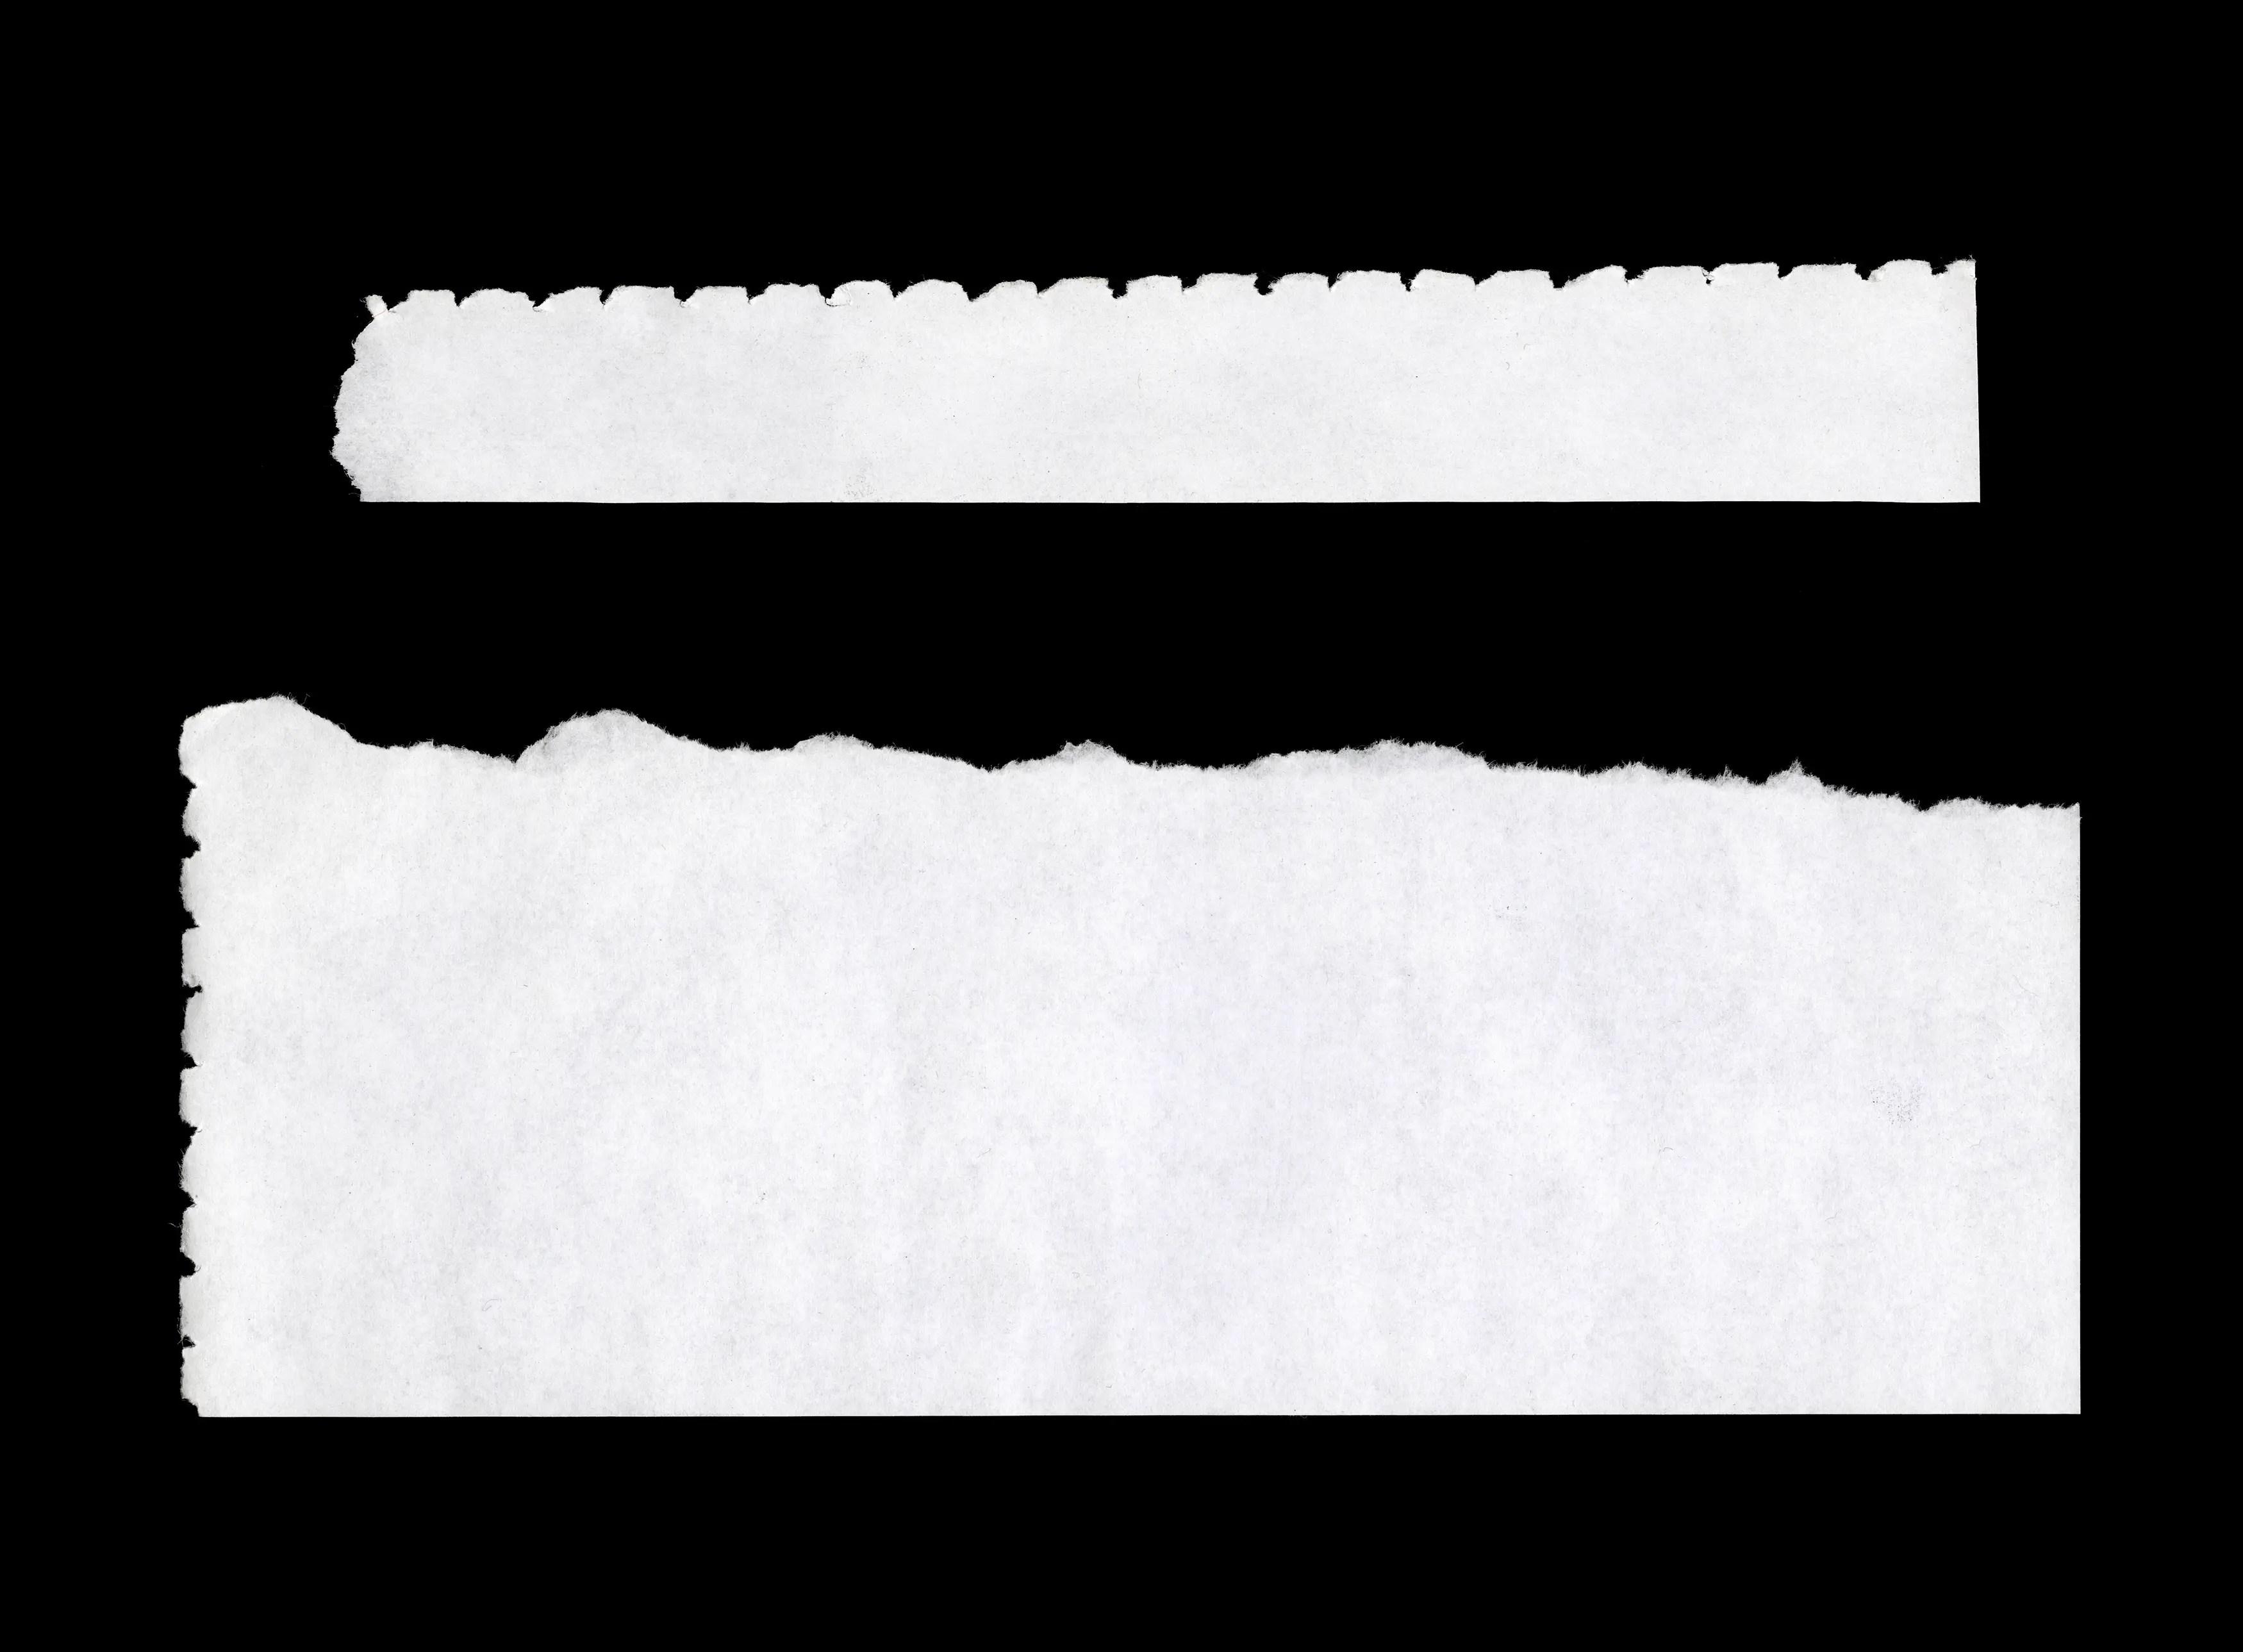 12 Torn Paper Textures